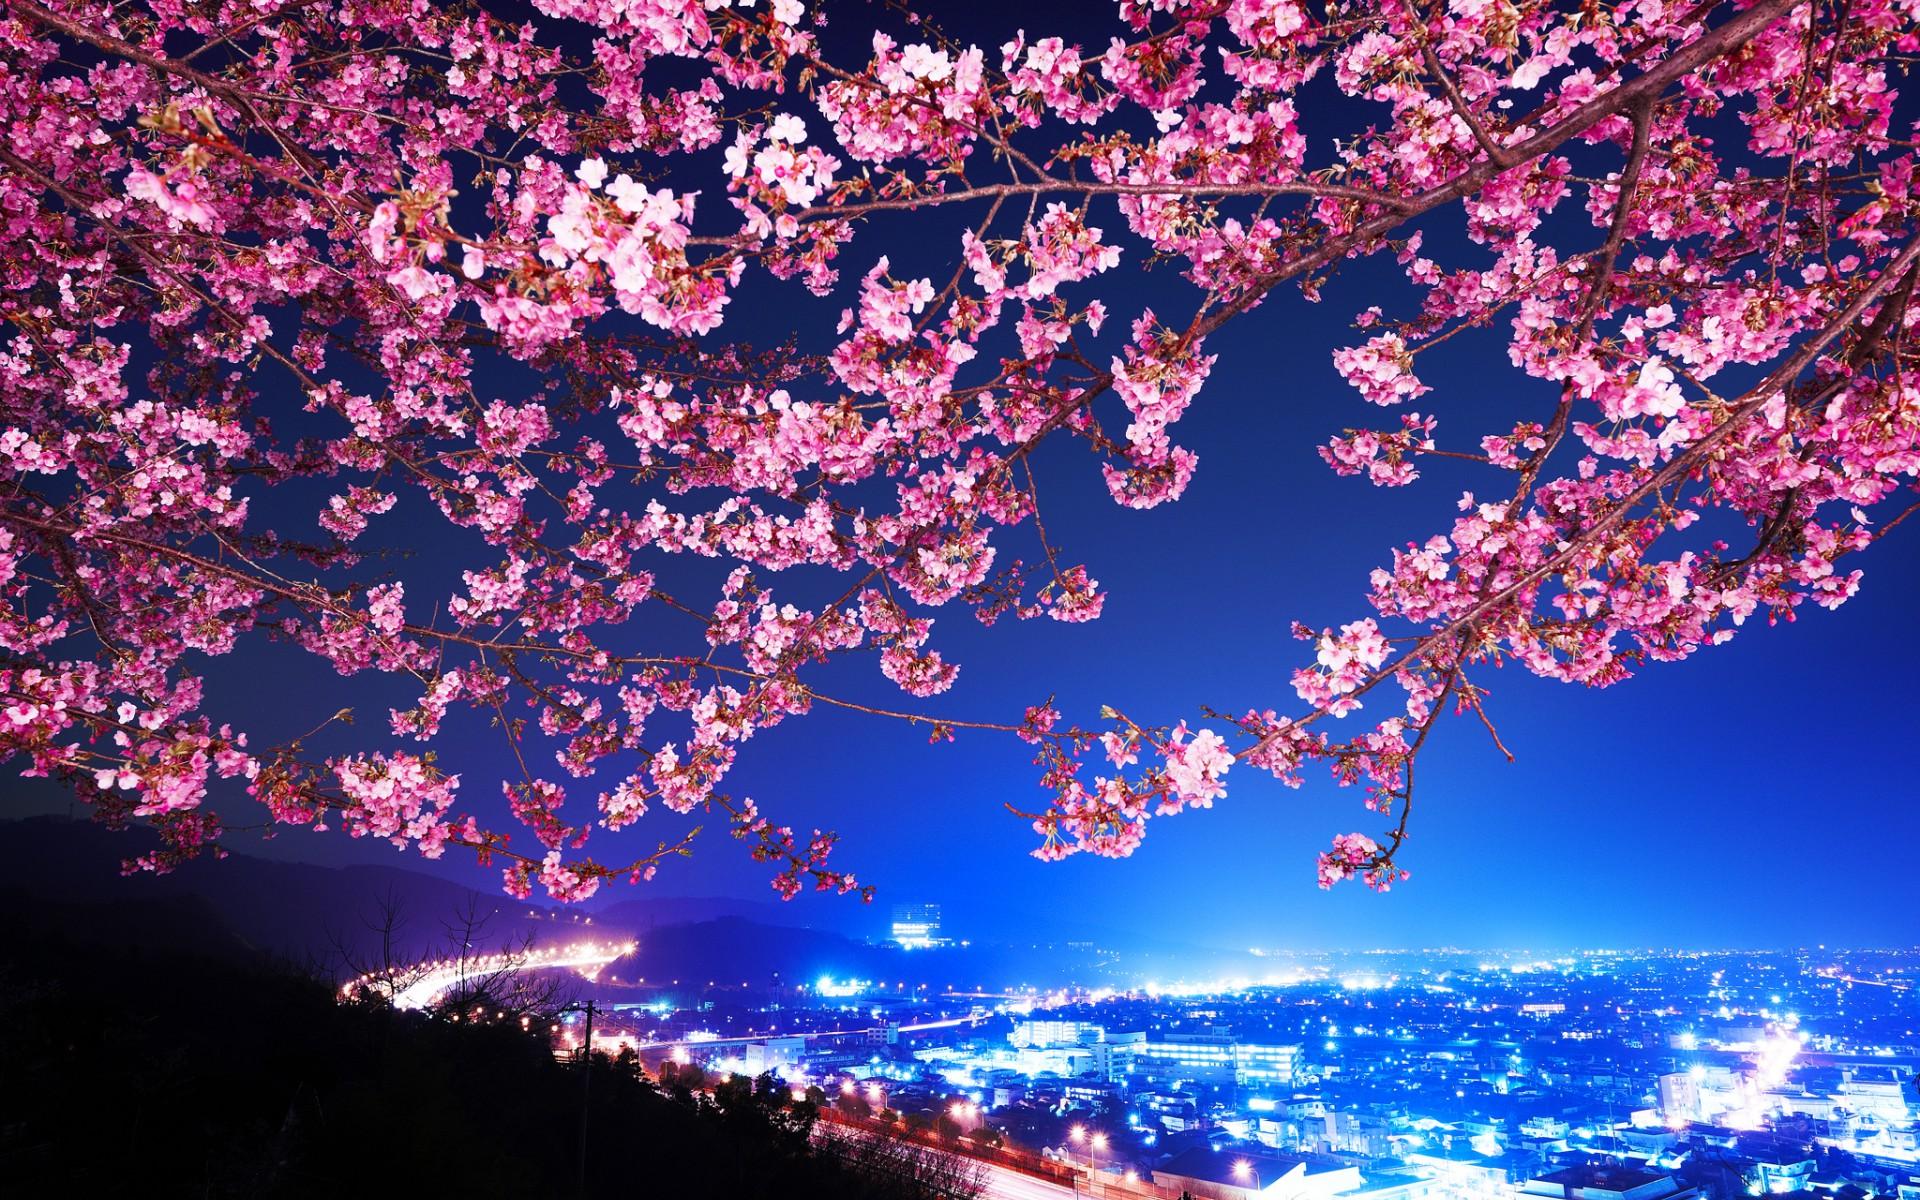 mimura japan sakura cherry blossom highway city night